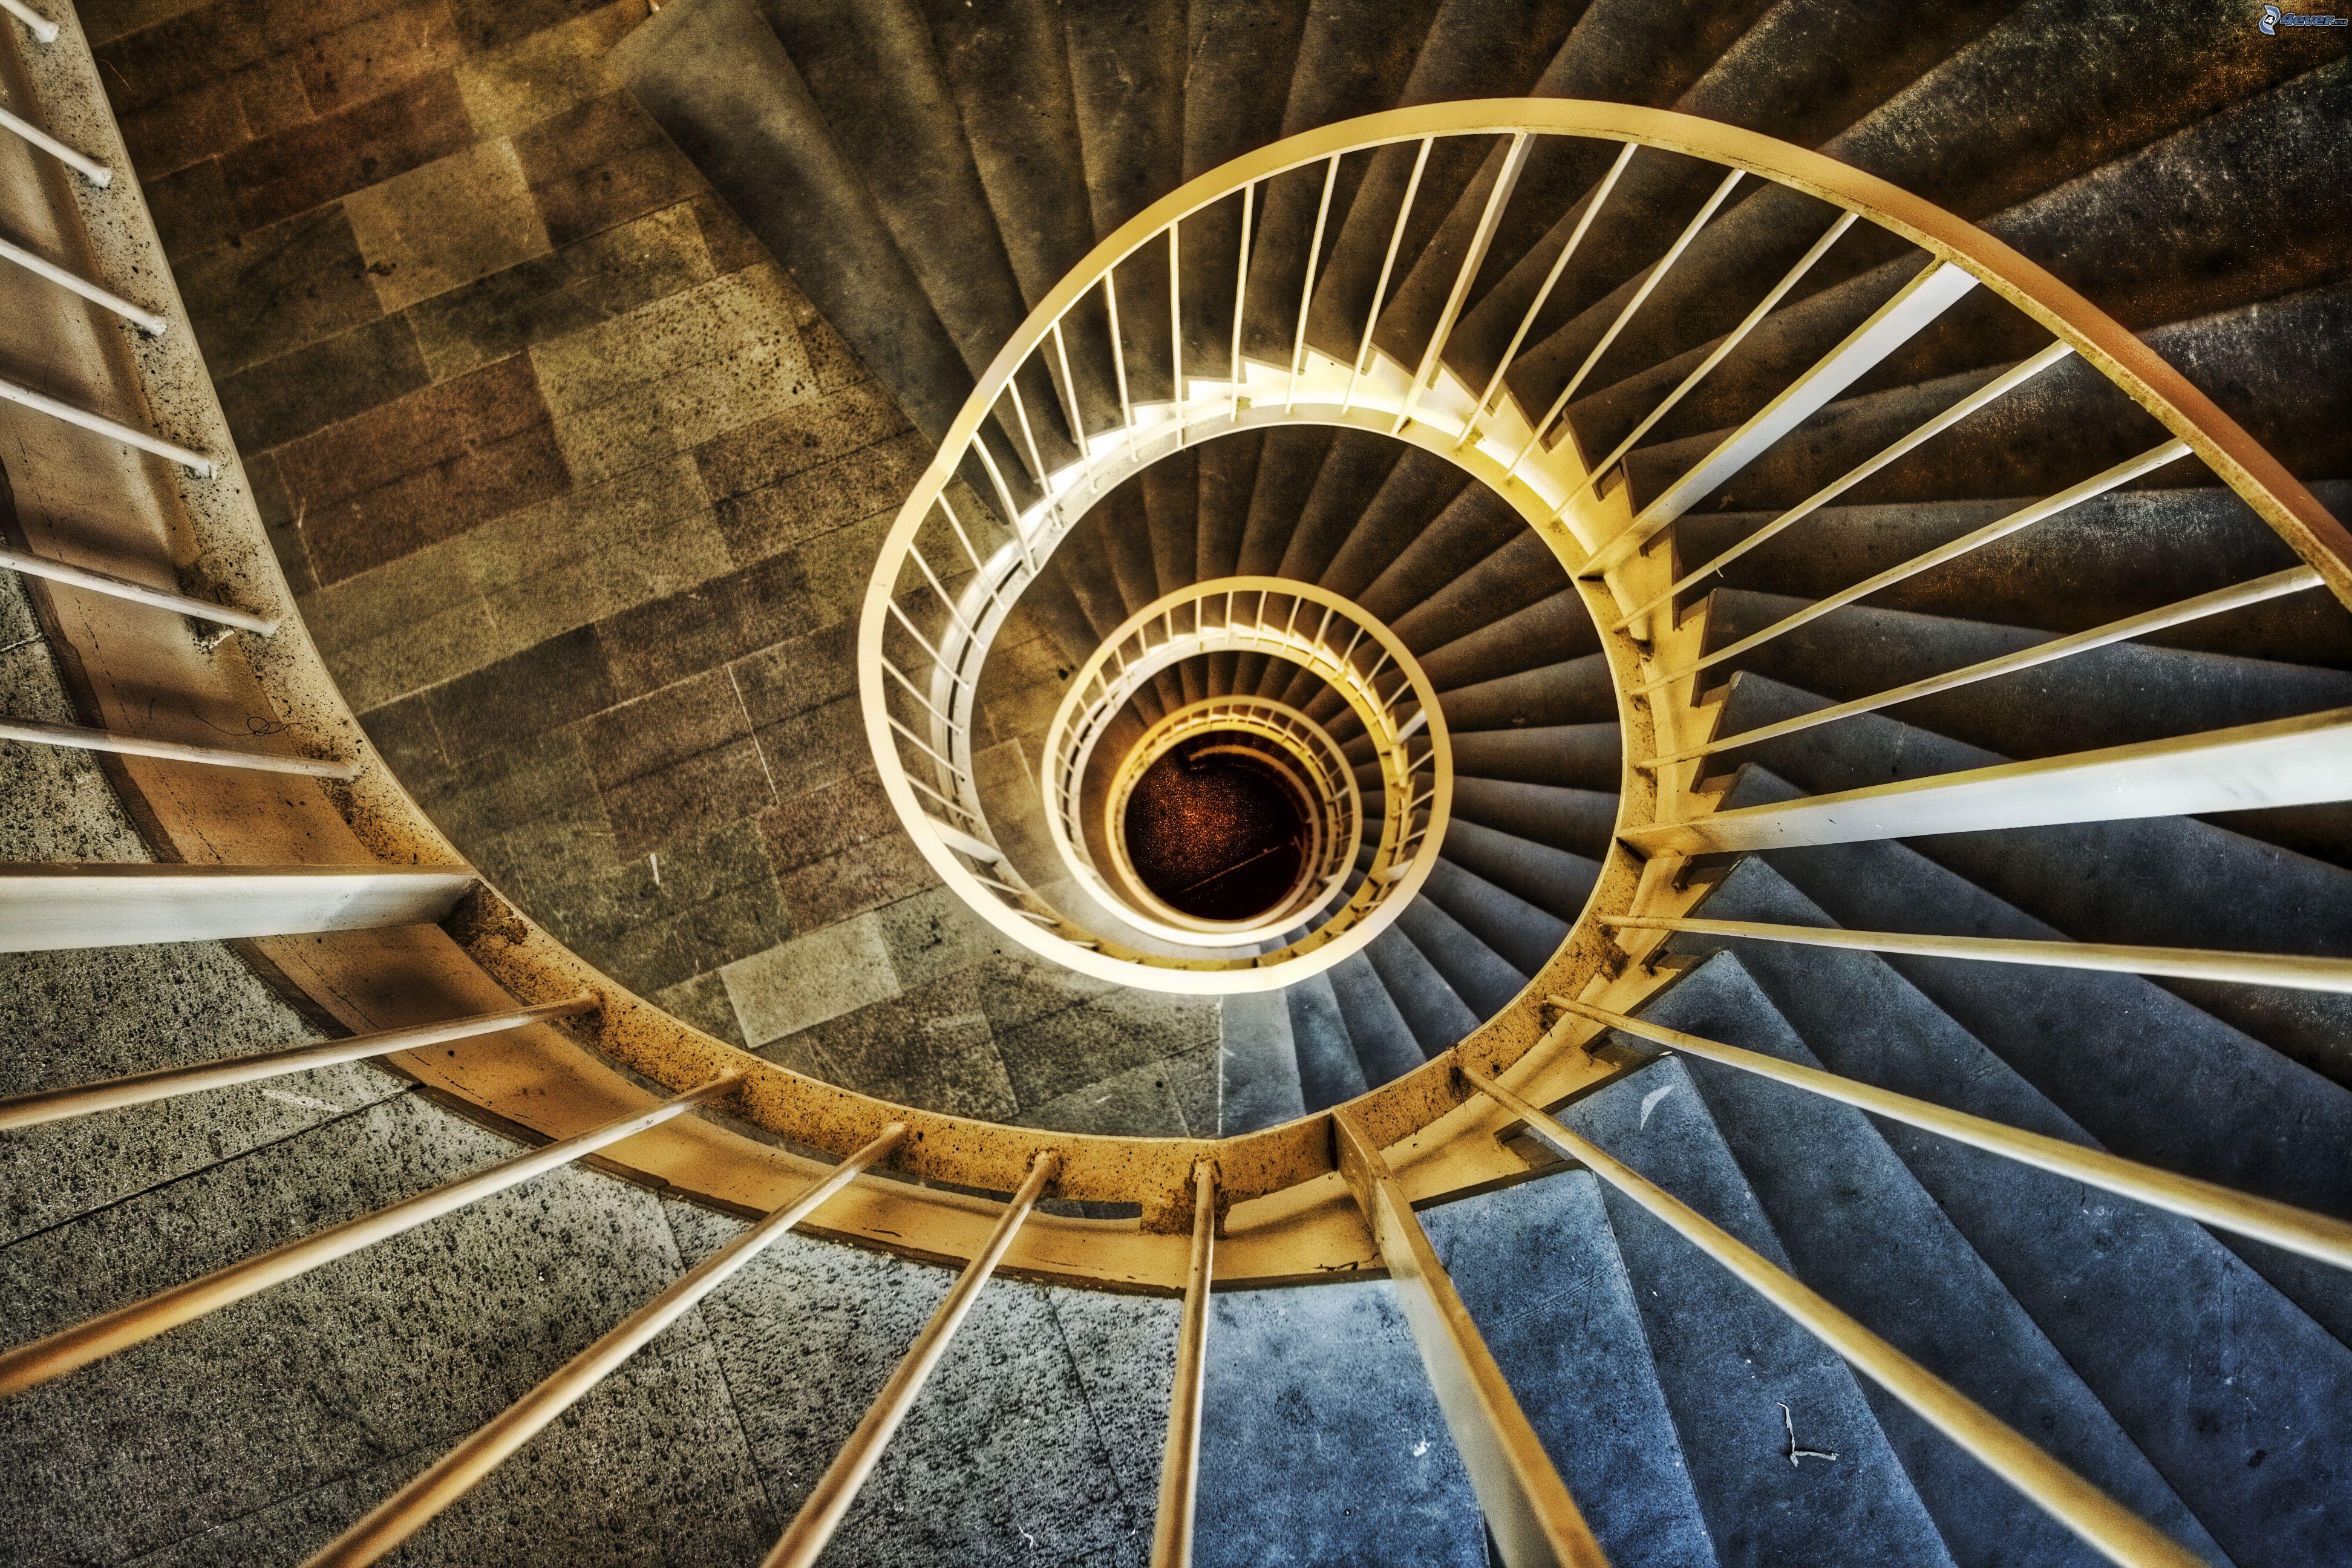 Escalera Espiral Escalera Espiral Interior Ideas De Diseo De - Escaleras-en-espiral